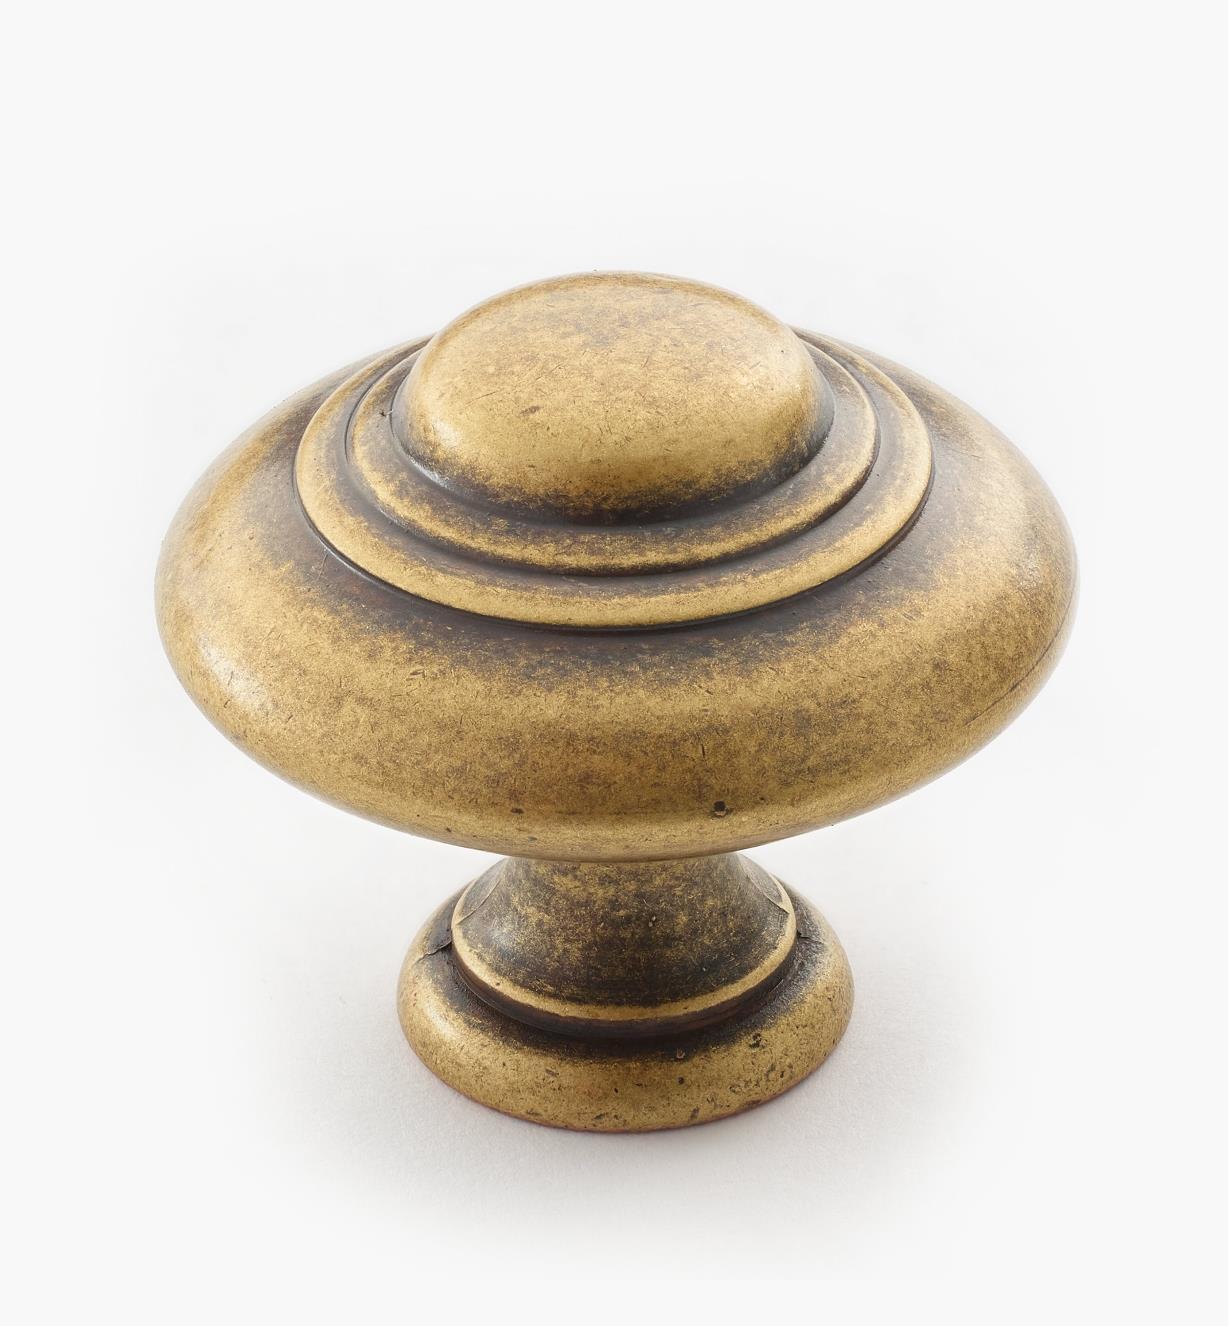 01A3936 - Bouton de 35 mm x 31 mm, quincaillerie à trois perles, série II, fini laiton antique